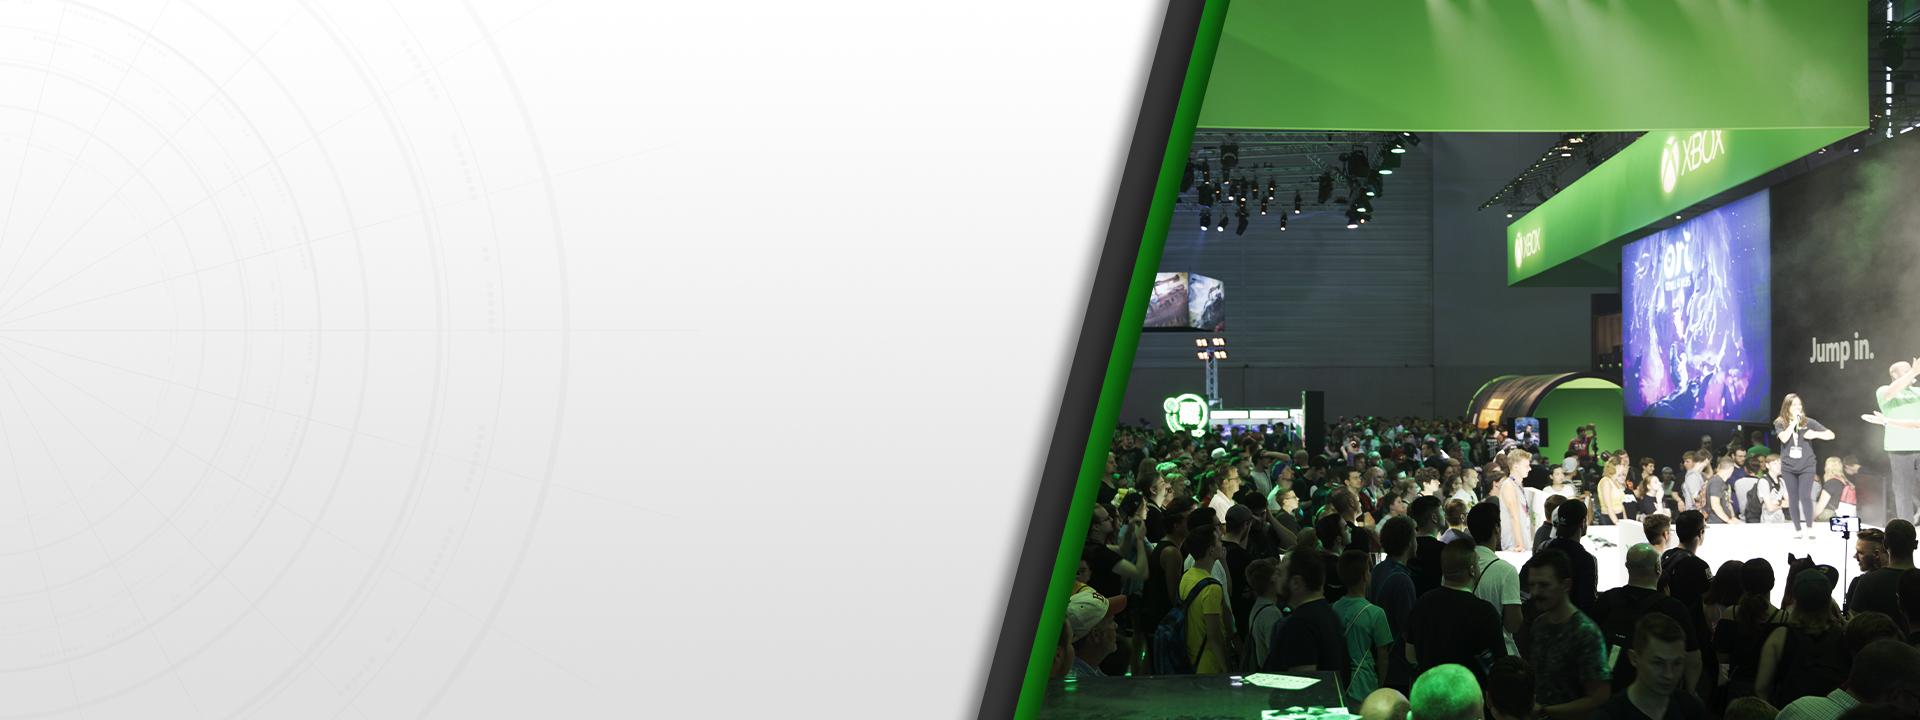 Ein großes Publikum bei dem Xbox Stand auf der gamescom